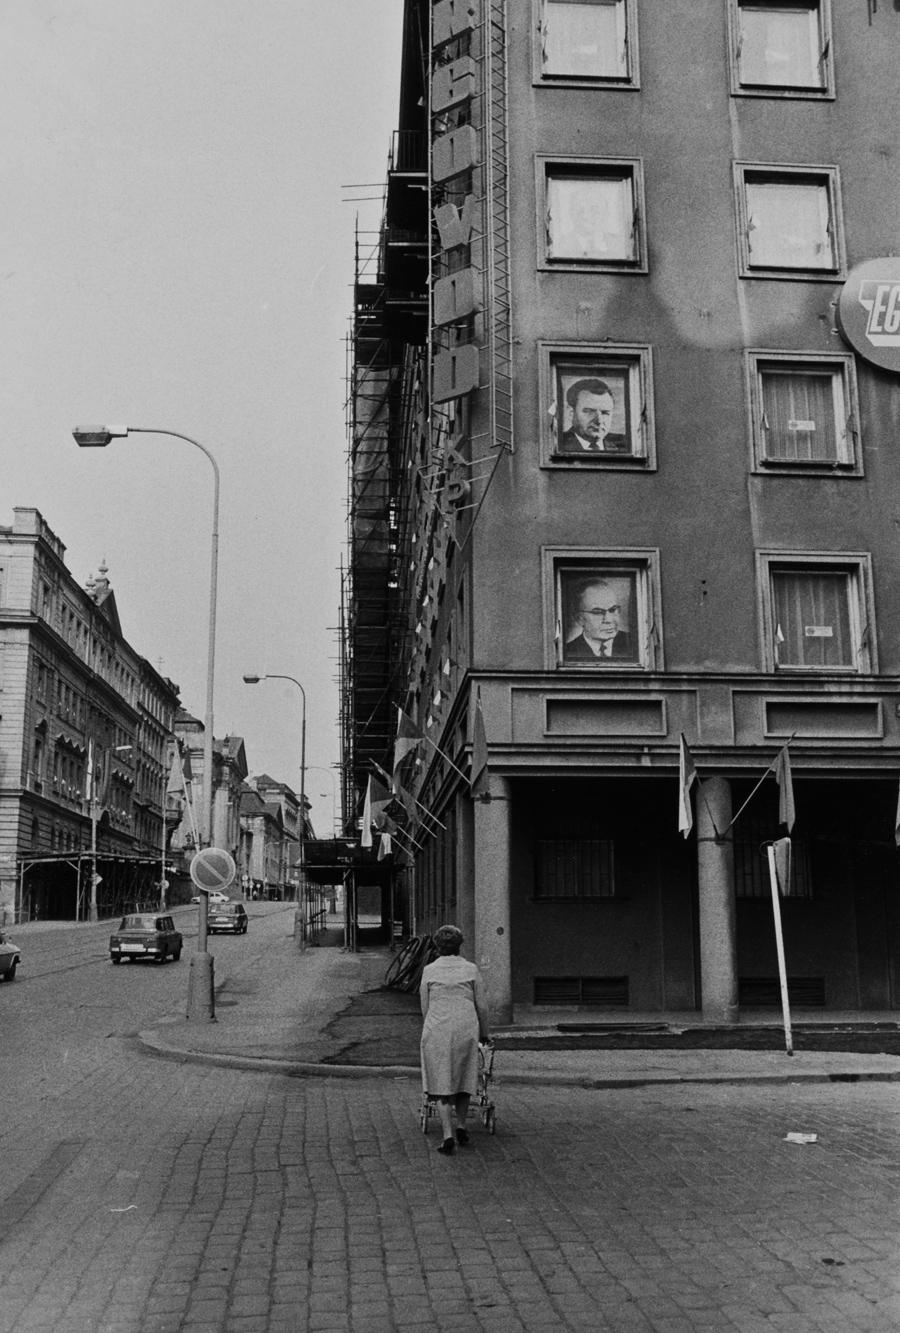 Nároží Resslovy ulice s portréty Gottwalda a Husáka (před rokem 1989)